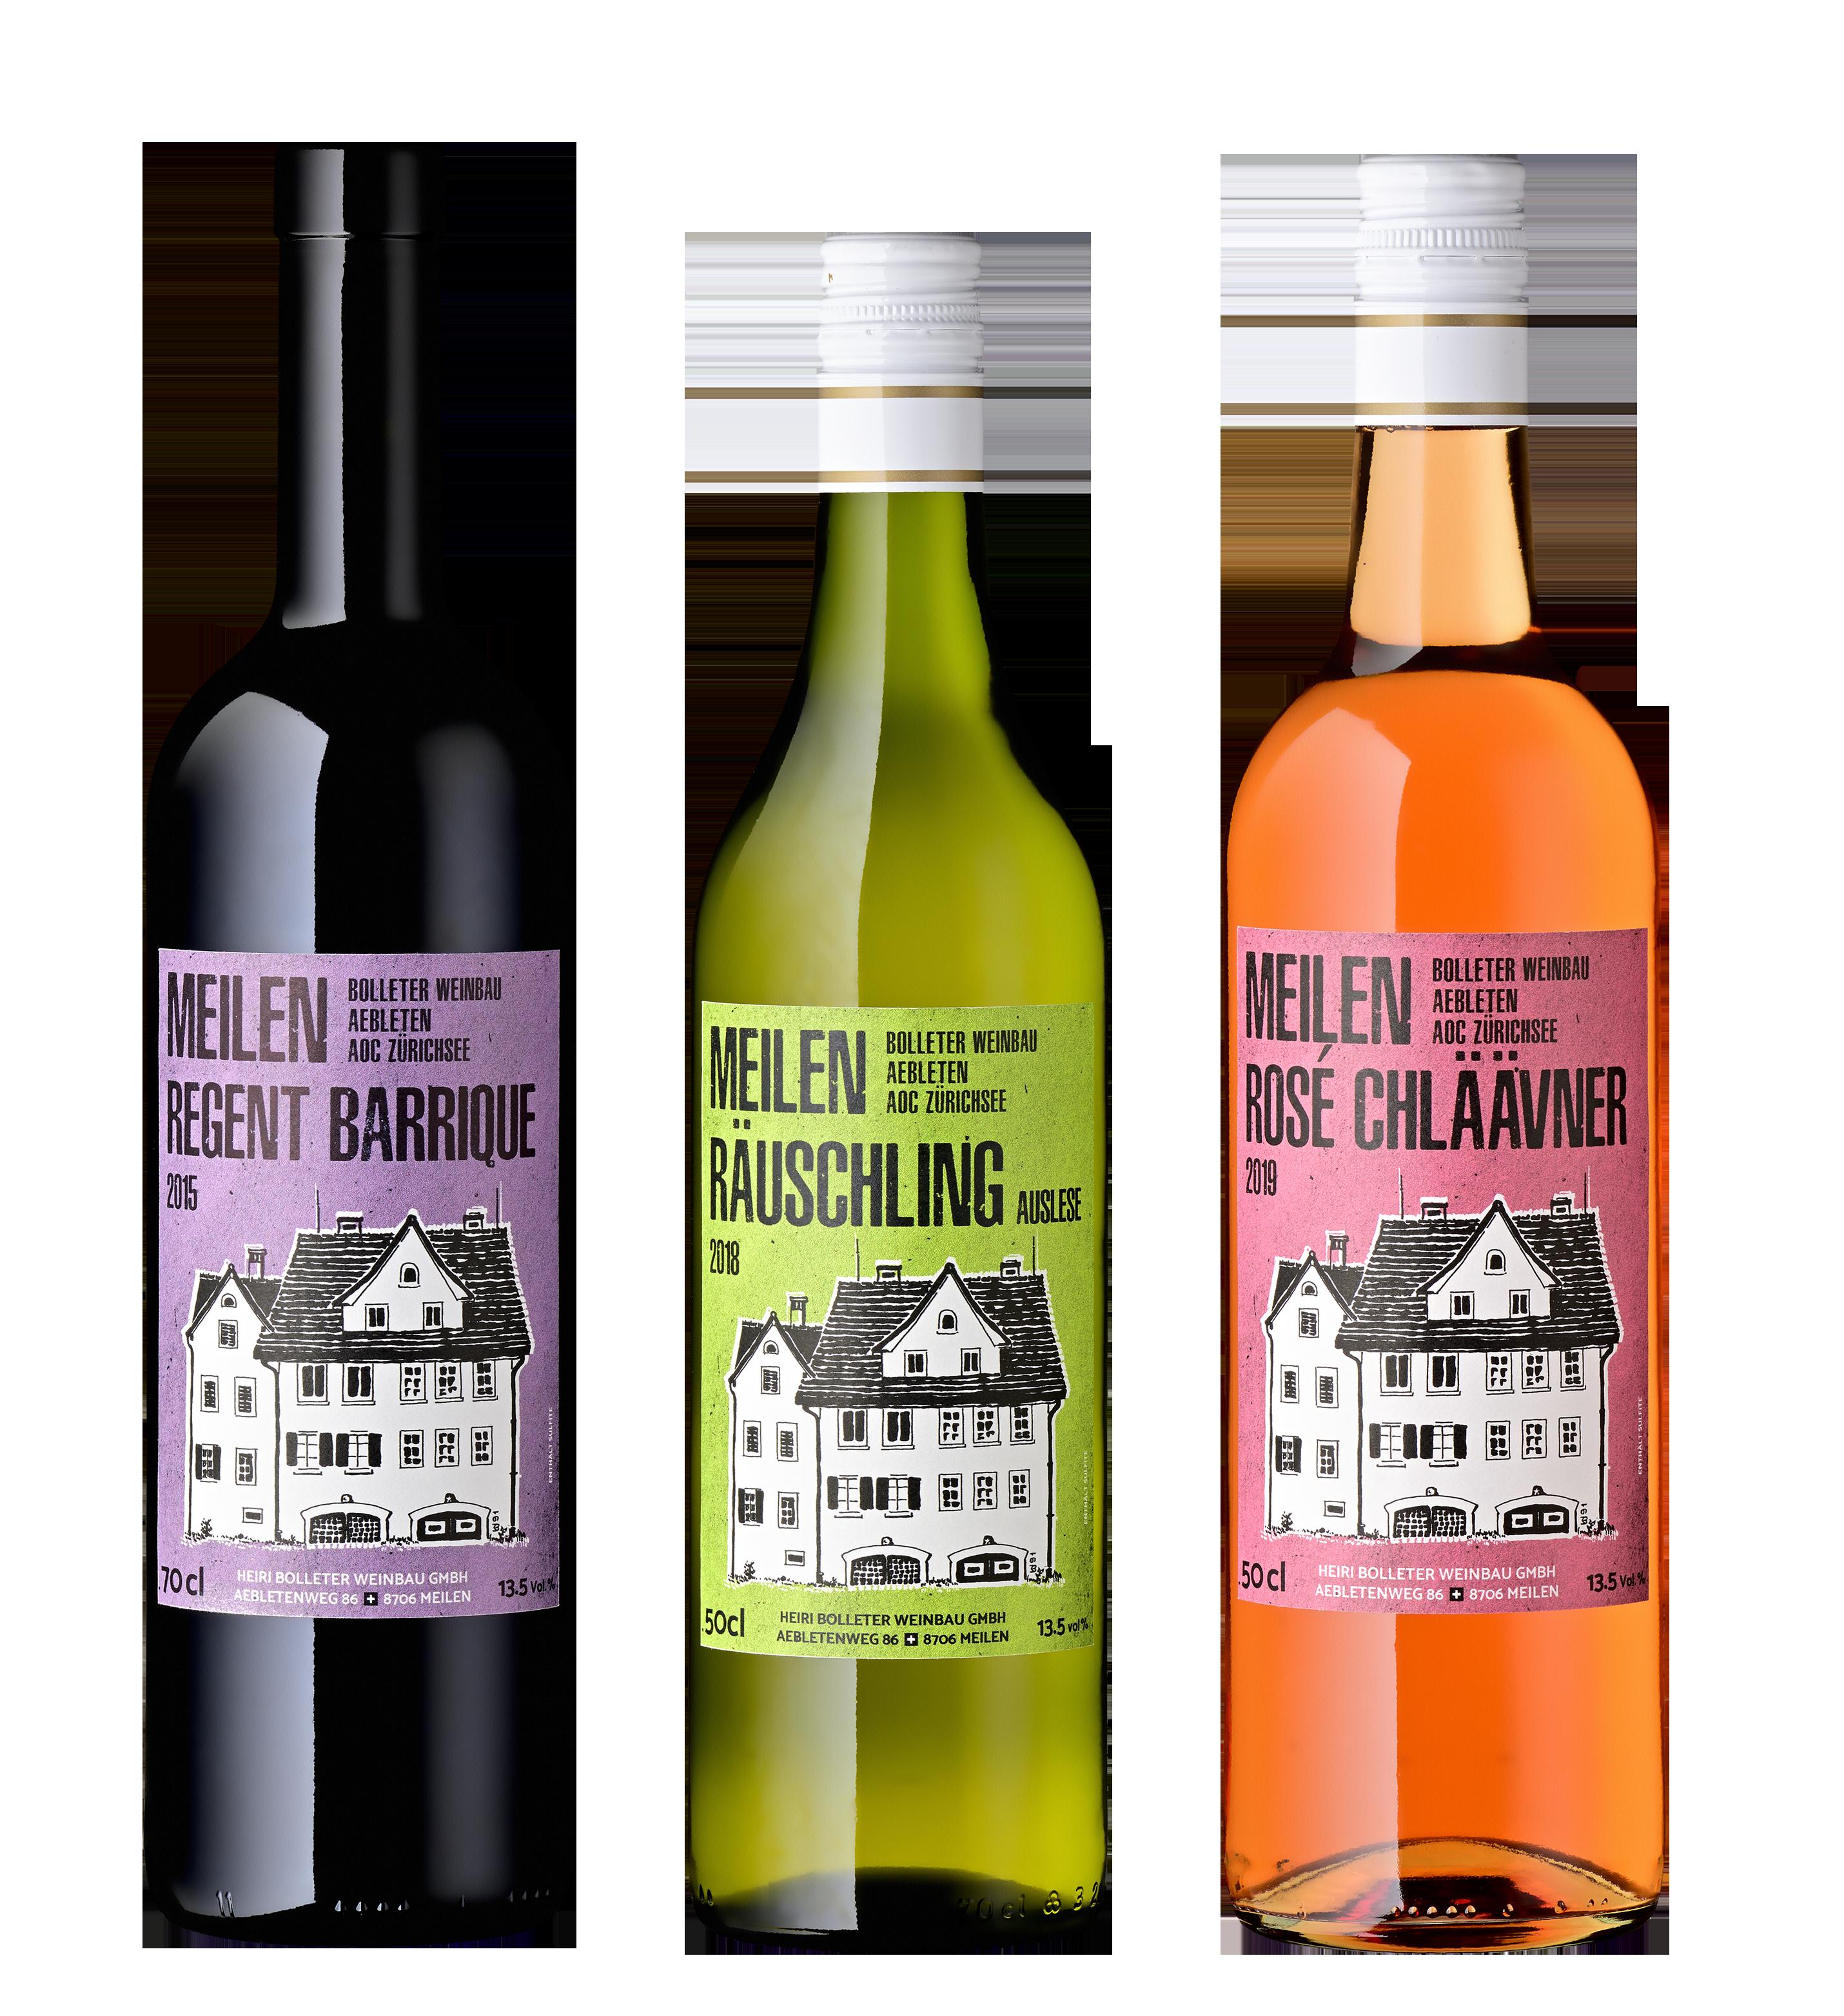 Bolleter Weinbau – Etiketten-Gestaltung